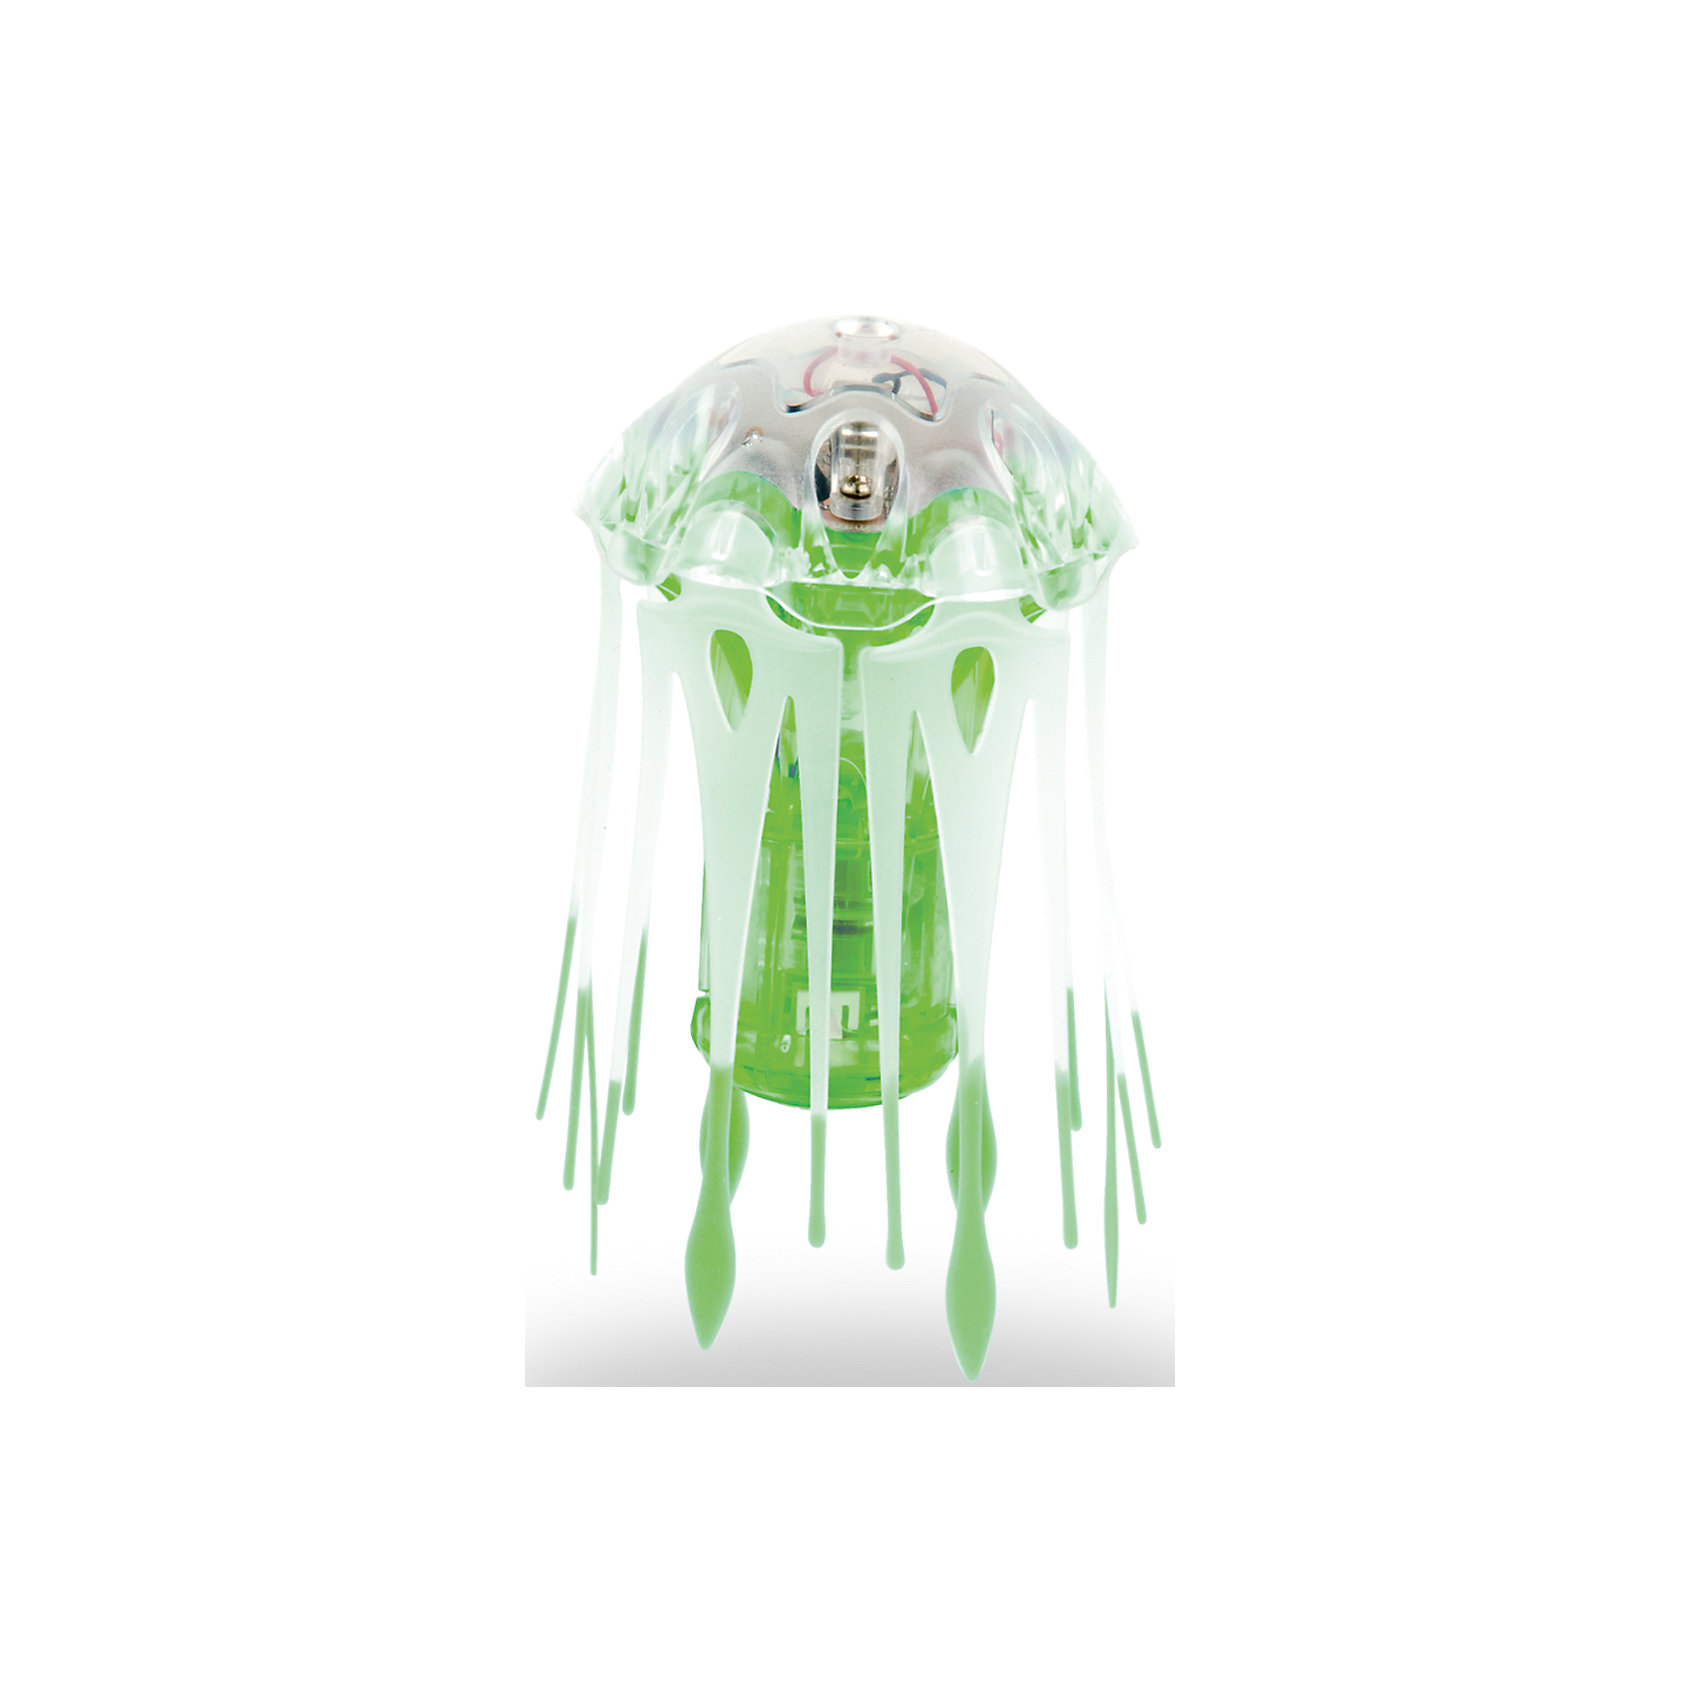 Микро-робот Aqua Bot Медуза, зеленый, HexbugИнтерактивные игрушки для малышей<br>Микро-робот Aqua Bot Медуза, зеленый, Hexbug (Хексбаг)<br><br>Характеристики:<br><br>• плавает в любом направлении<br>• автоматическое отключение вне воды<br>• световые эффекты<br>• гибкие щупальца<br>• цвет: зеленый<br>• размер: 4х4х6 см<br>• батарейки: AG13 - 3 шт. (входят в комплект)<br>• материал: пластик, металл<br>• размер упаковки: 12,5х7х17 см<br>• вес: 70 грамм<br><br>Aqua Bot Медуза - настоящая находка для любителей микророботов. При попадании в воду он начинает плавать, кружиться и двигаться, словно настоящая медуза. Щупальца микроробота гибкие. Для экономии энергии Медуза автоматически отключается вне воды или через несколько минут работы. Чтобы робот снова начал двигаться, достаточно немного всколыхнуть воду или постучать по стенке аквариума. Робот оснащен световыми эффектами, которые никого не оставят равнодушным!<br><br>Микро-робота Aqua Bot Медуза, зеленый, Hexbug (Хексбаг) вы можете купить в нашем интернет-магазине<br><br>Ширина мм: 170<br>Глубина мм: 60<br>Высота мм: 120<br>Вес г: 74<br>Возраст от месяцев: 36<br>Возраст до месяцев: 2147483647<br>Пол: Унисекс<br>Возраст: Детский<br>SKU: 5507185